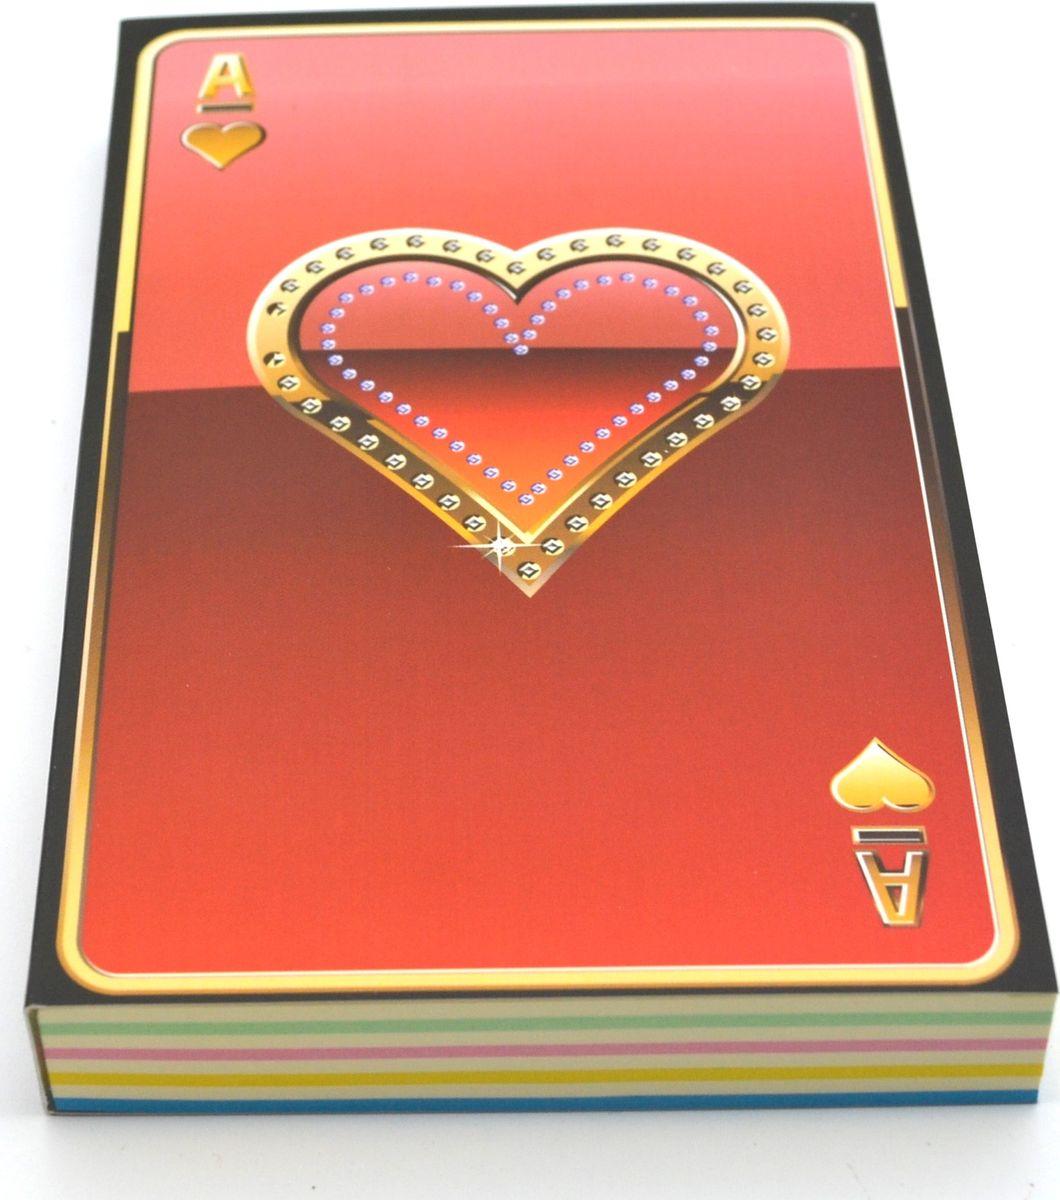 Карамба Блокнот Карты Червы 192 листа72523WDБлокнот Карамба Карты Червы - незаменимый атрибут современного человека, необходимый для рабочих и повседневных записей в офисе и дома. Блокнот содержит 192 листа.Блокнот станет достойным аксессуаром среди ваших канцелярских принадлежностей. Такой блокнот пригодится как для деловых людей, так и для любителей записывать свои мысли, писать мемуары или делать наброски новых стихотворений.